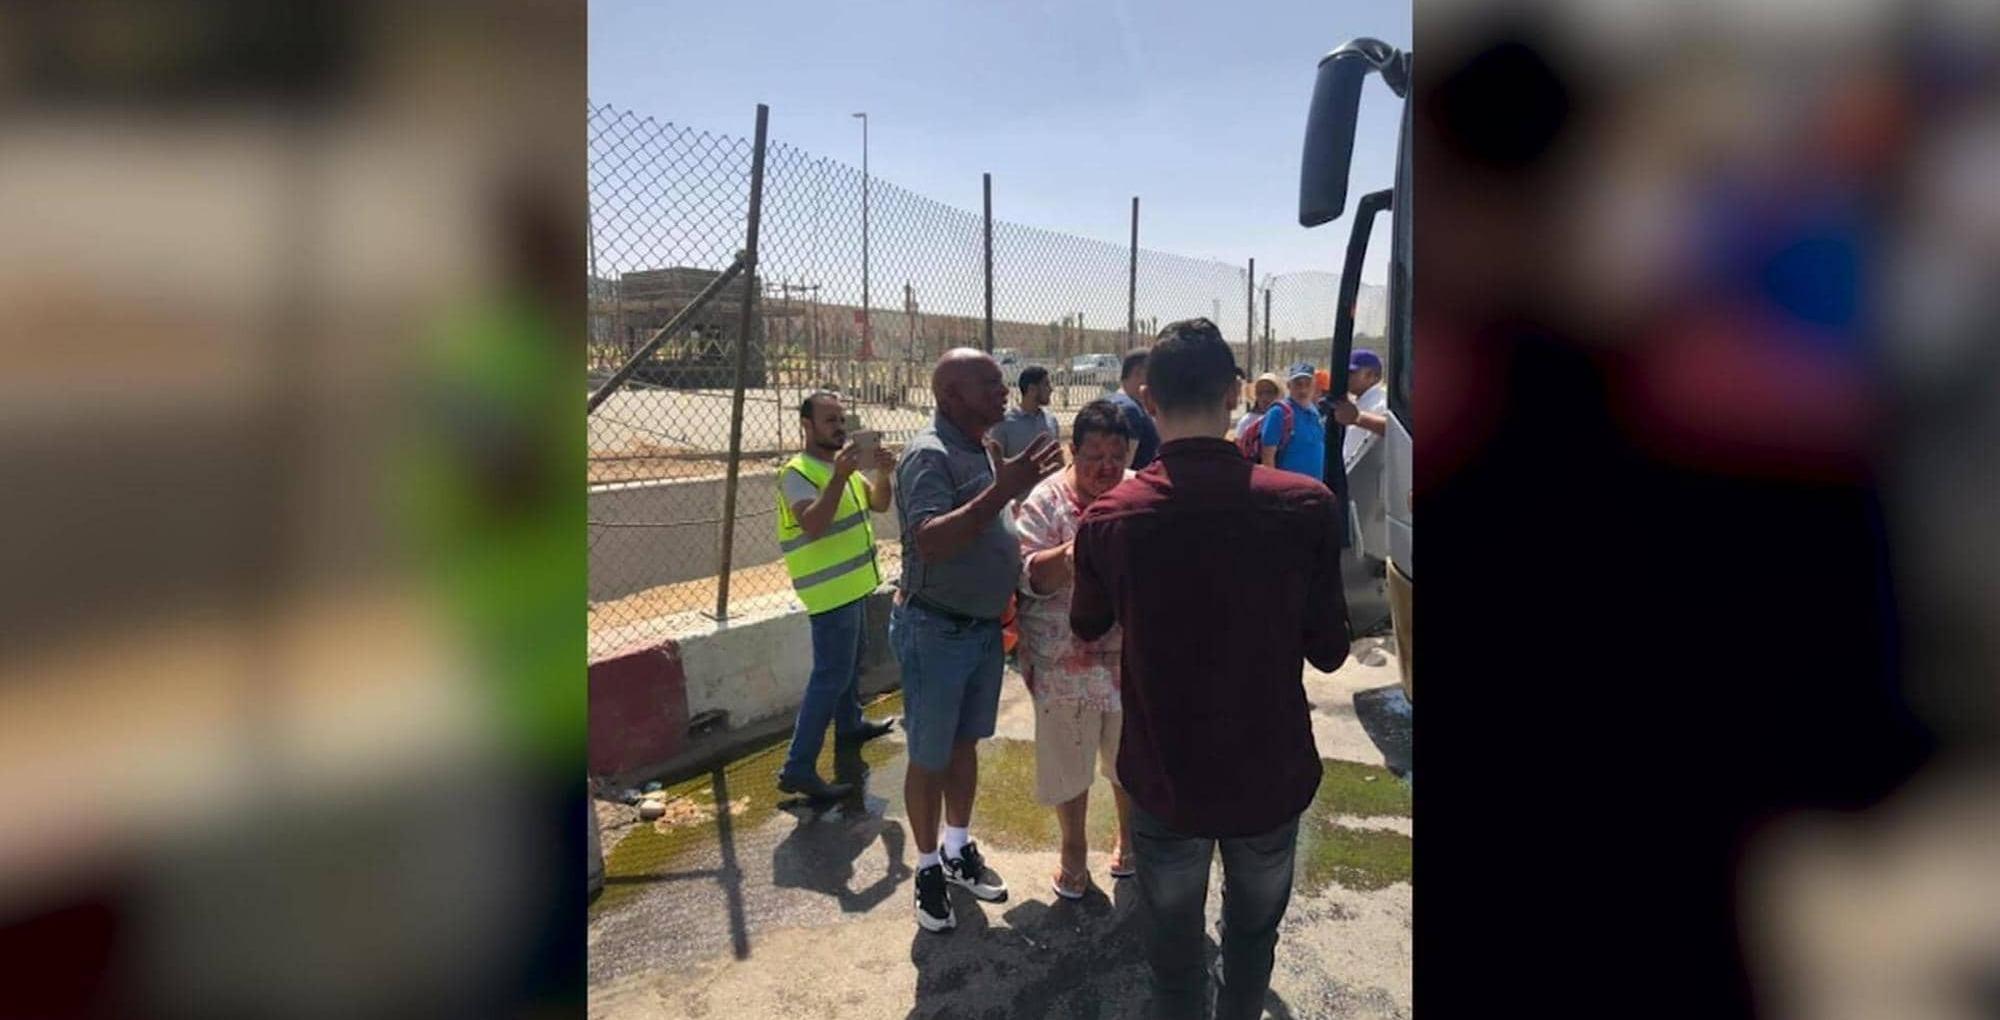 ارتفاع عدد مصابي انفجار «حافلة المتحف المصري الكبير» إلى 17 بينهم أجانب.. (صور)